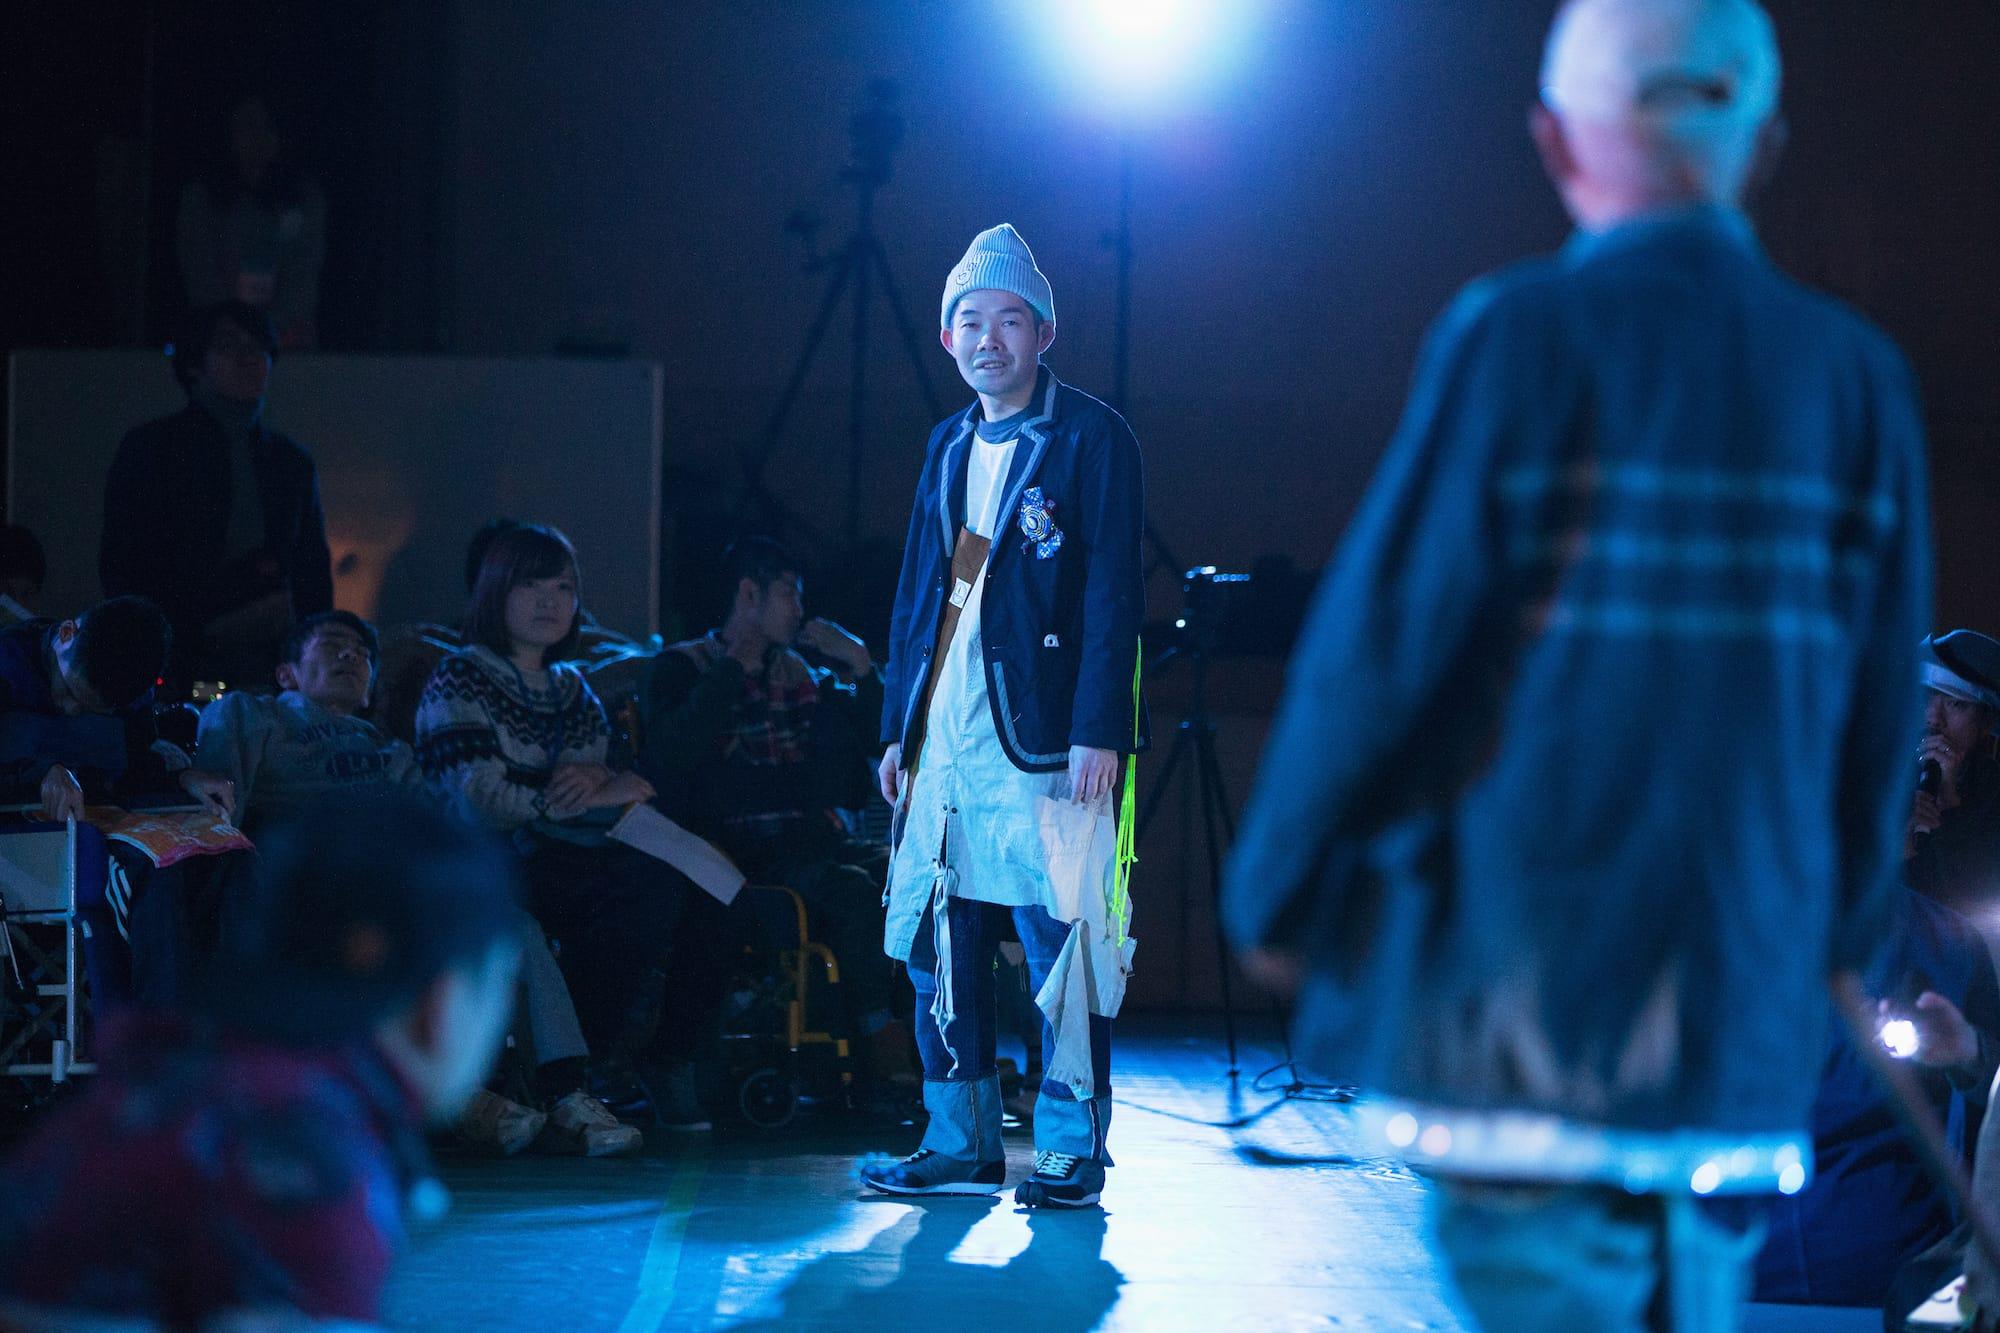 本番中の菅原直樹さんの様子。『オールライトファッションショー』では、円形に区切られた客席の合間を縫ってランウェイ=ステージが設けられた。ショーの企画制作・プロデュースは金森香さん。